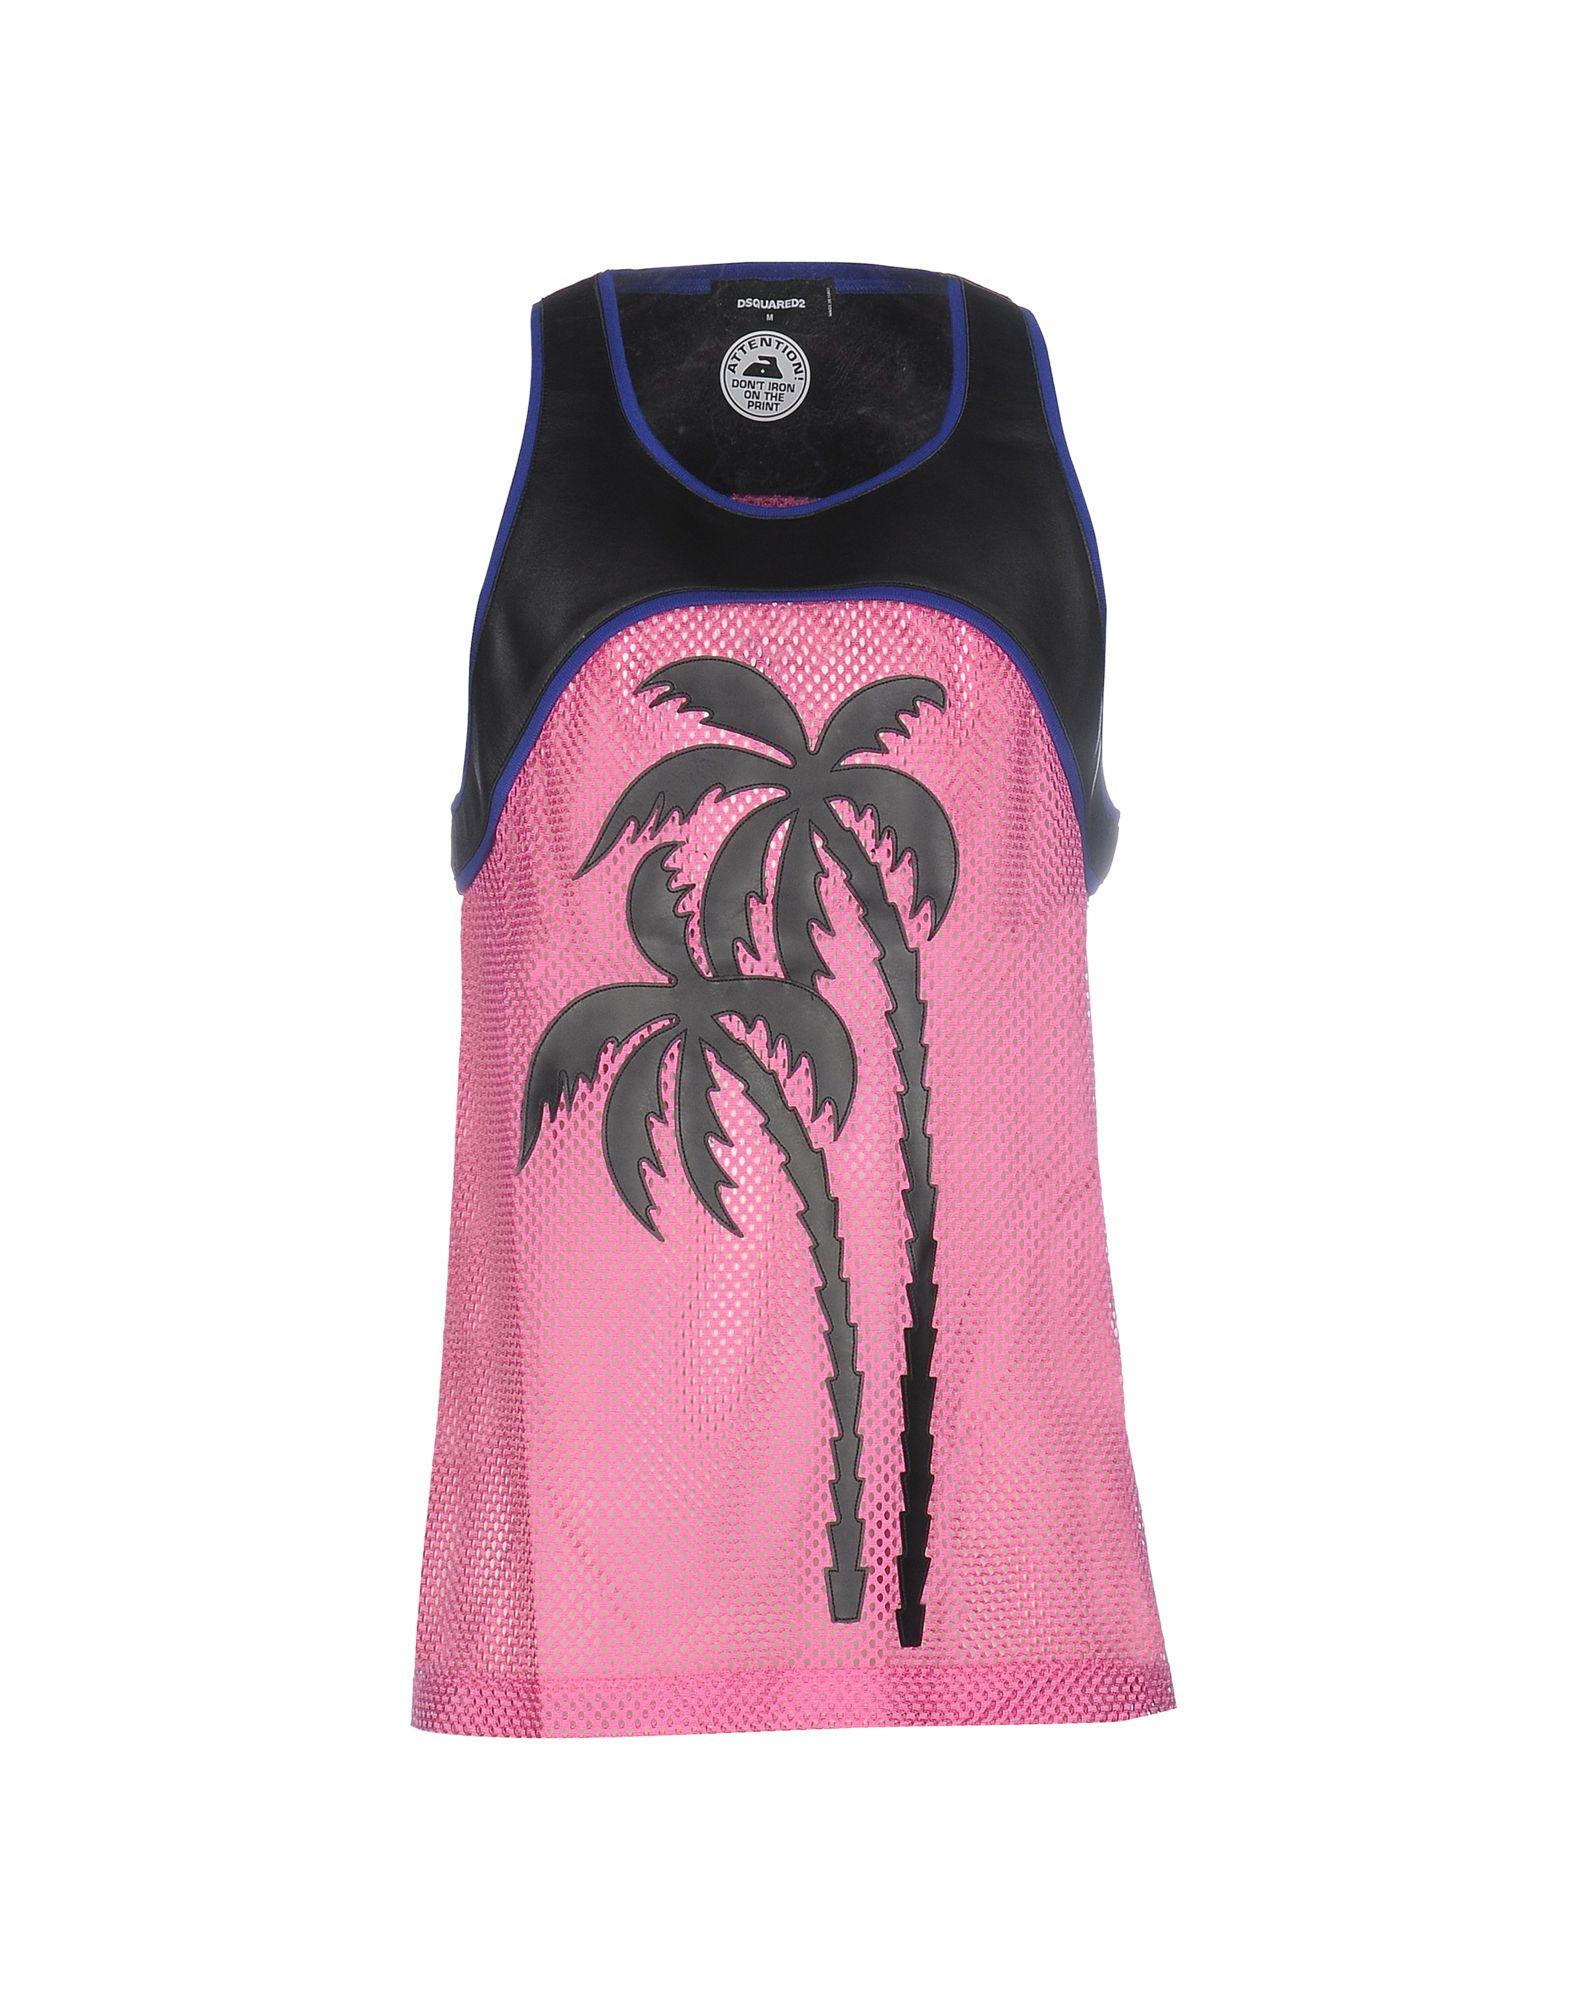 1e3c5a24708a0 Buy tank tops underwear for men - Best men s tank tops underwear shop -  Cools.com